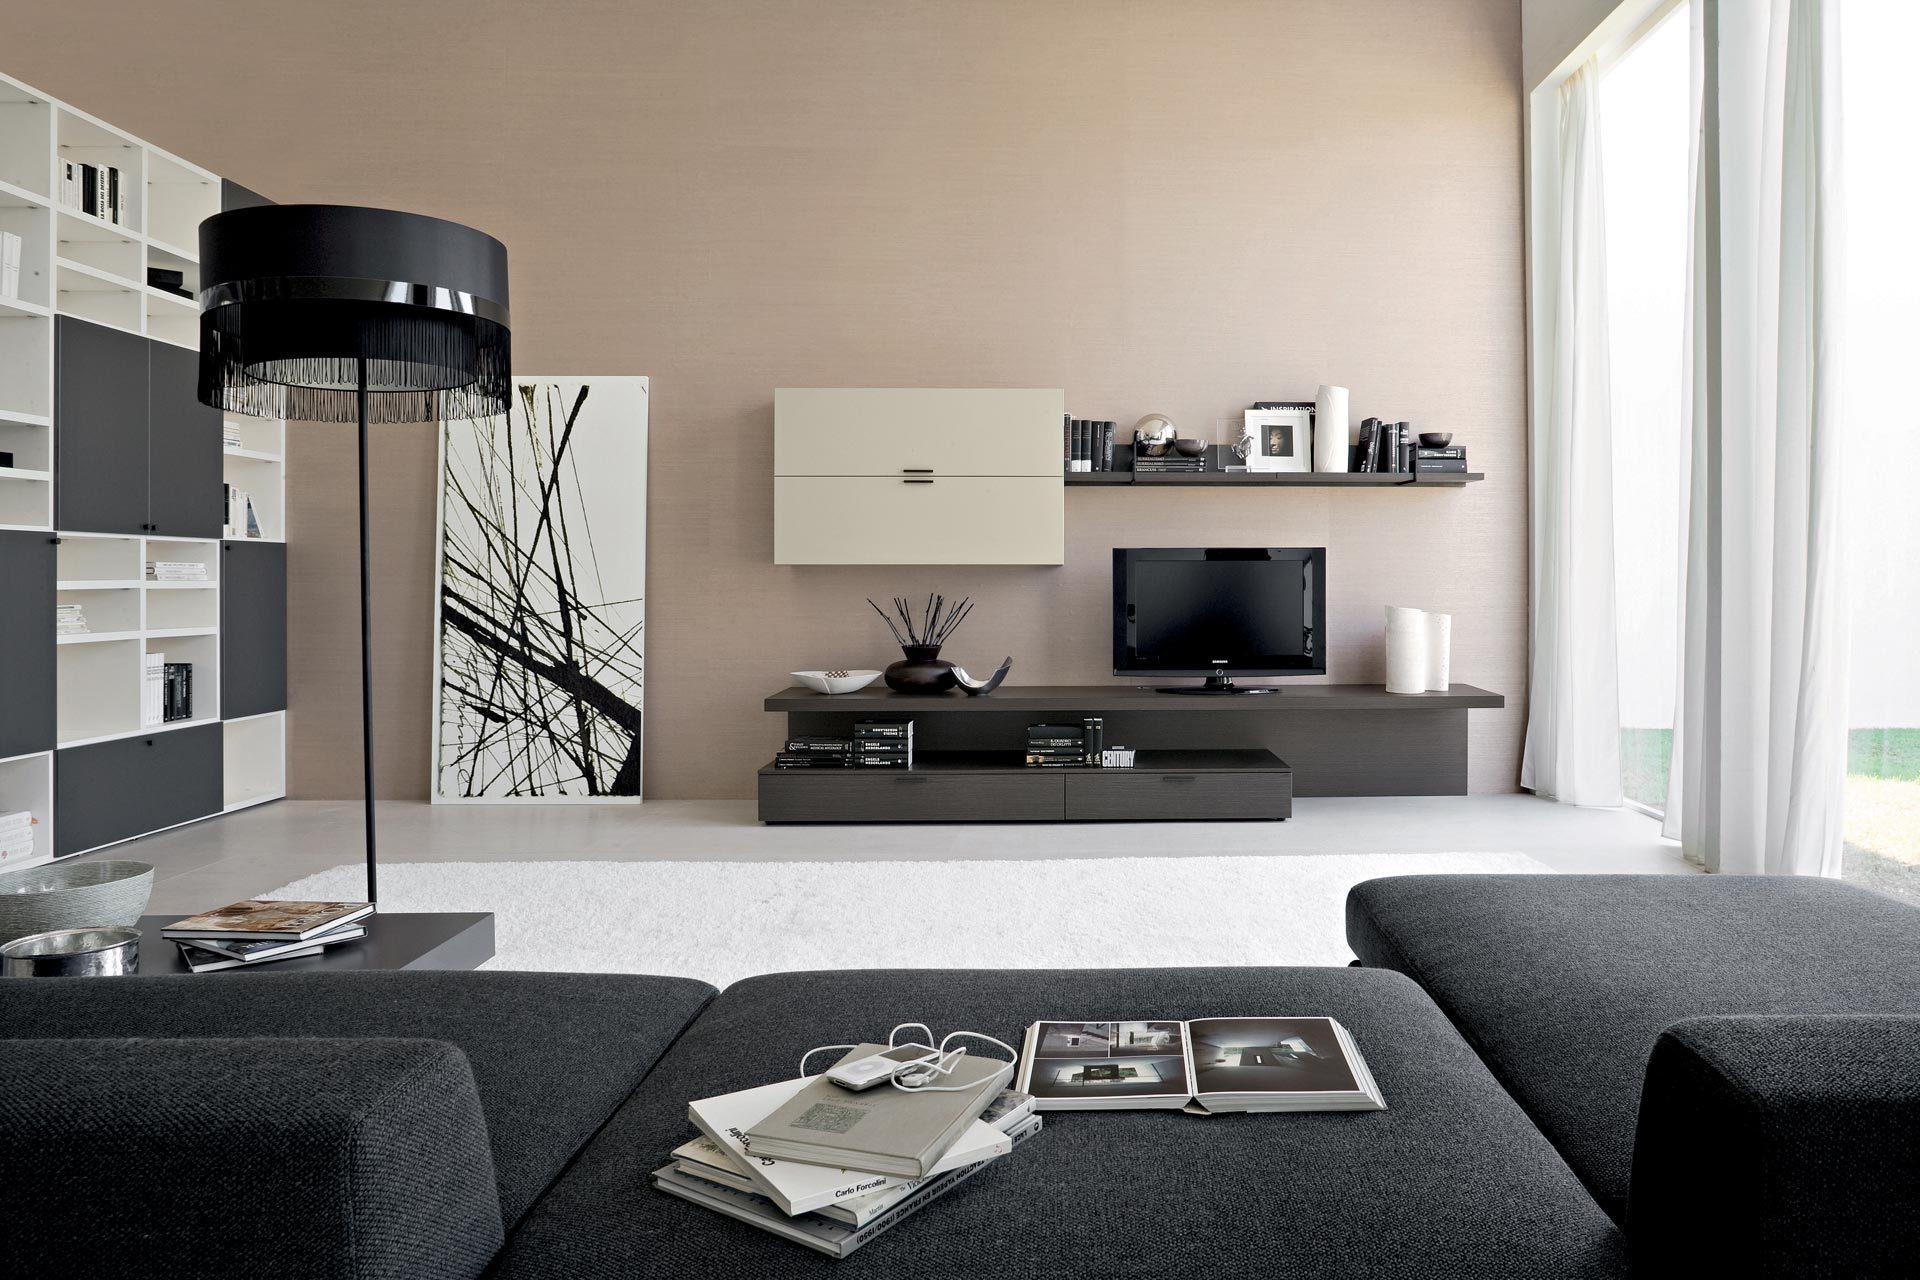 View In Gallery Hiasan Dalaman Ruang Tamu Dengan Konsep Hitam Dan Putih Perabot A Moden Kontemporari